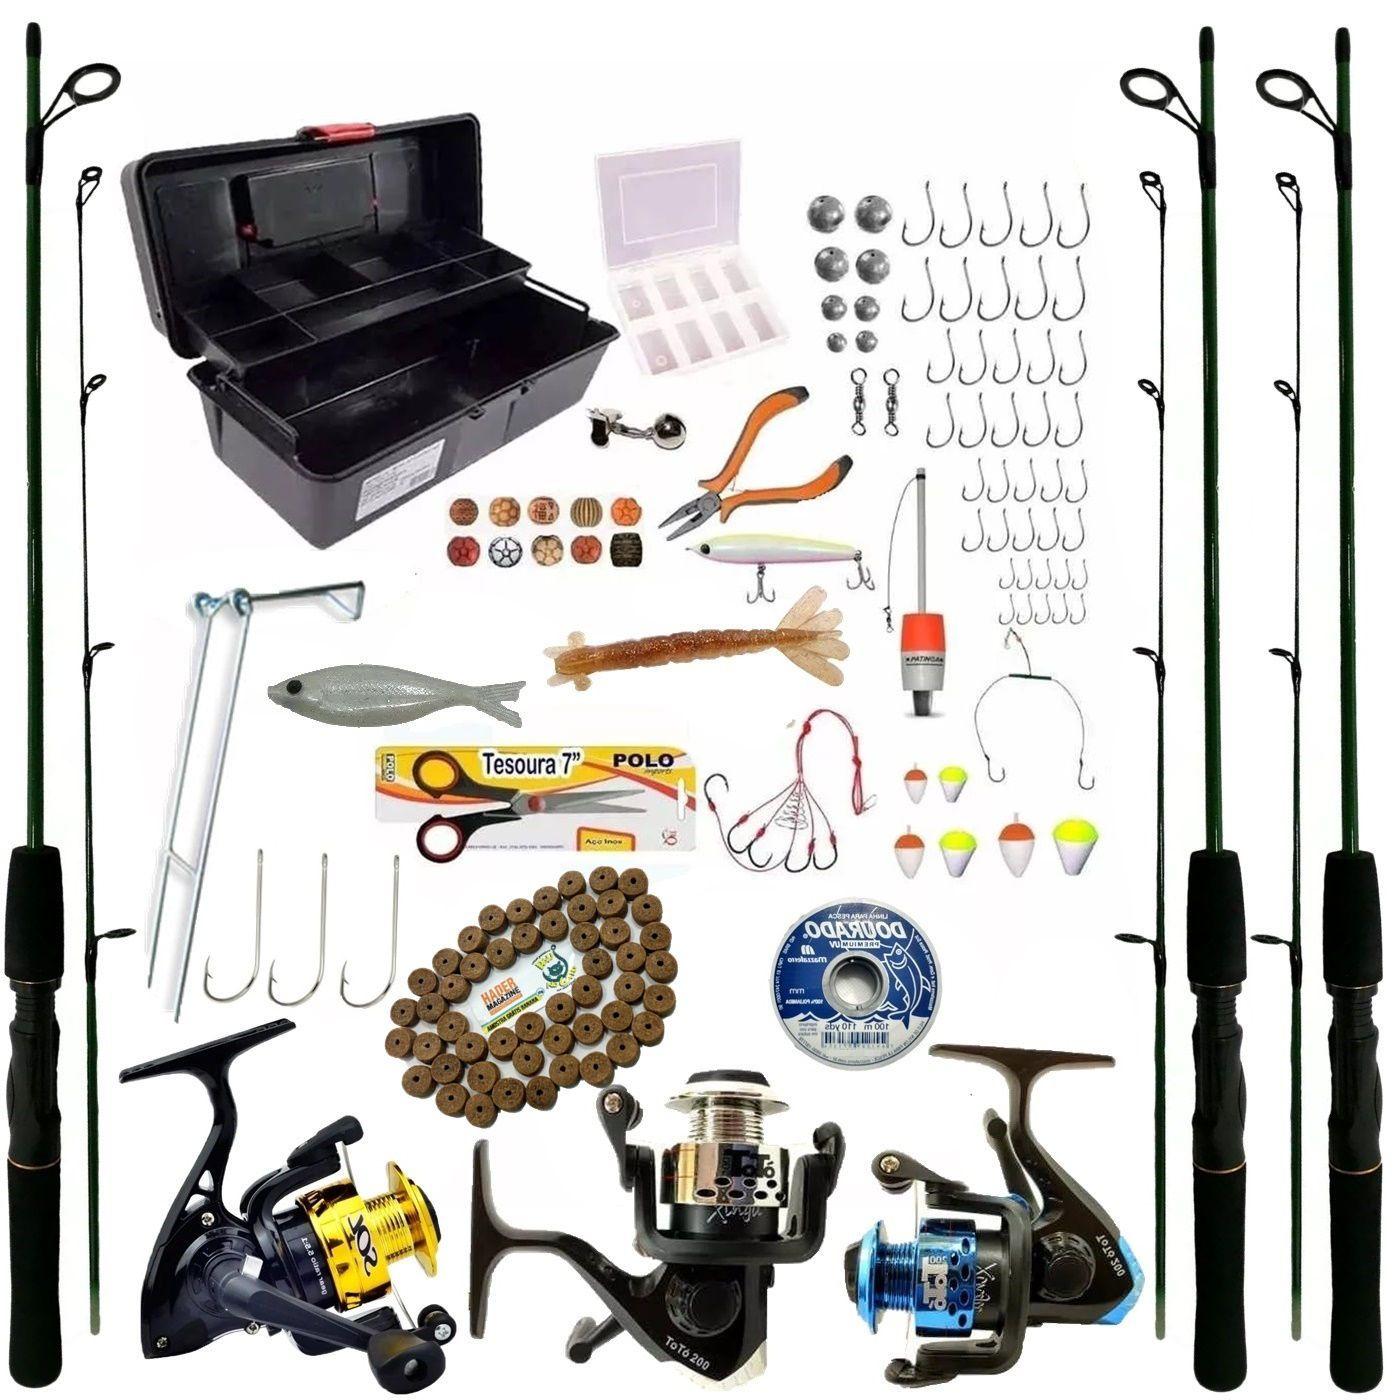 3 Molinete Kit De Pesca 3 Vara Completo Oferta Com Itens